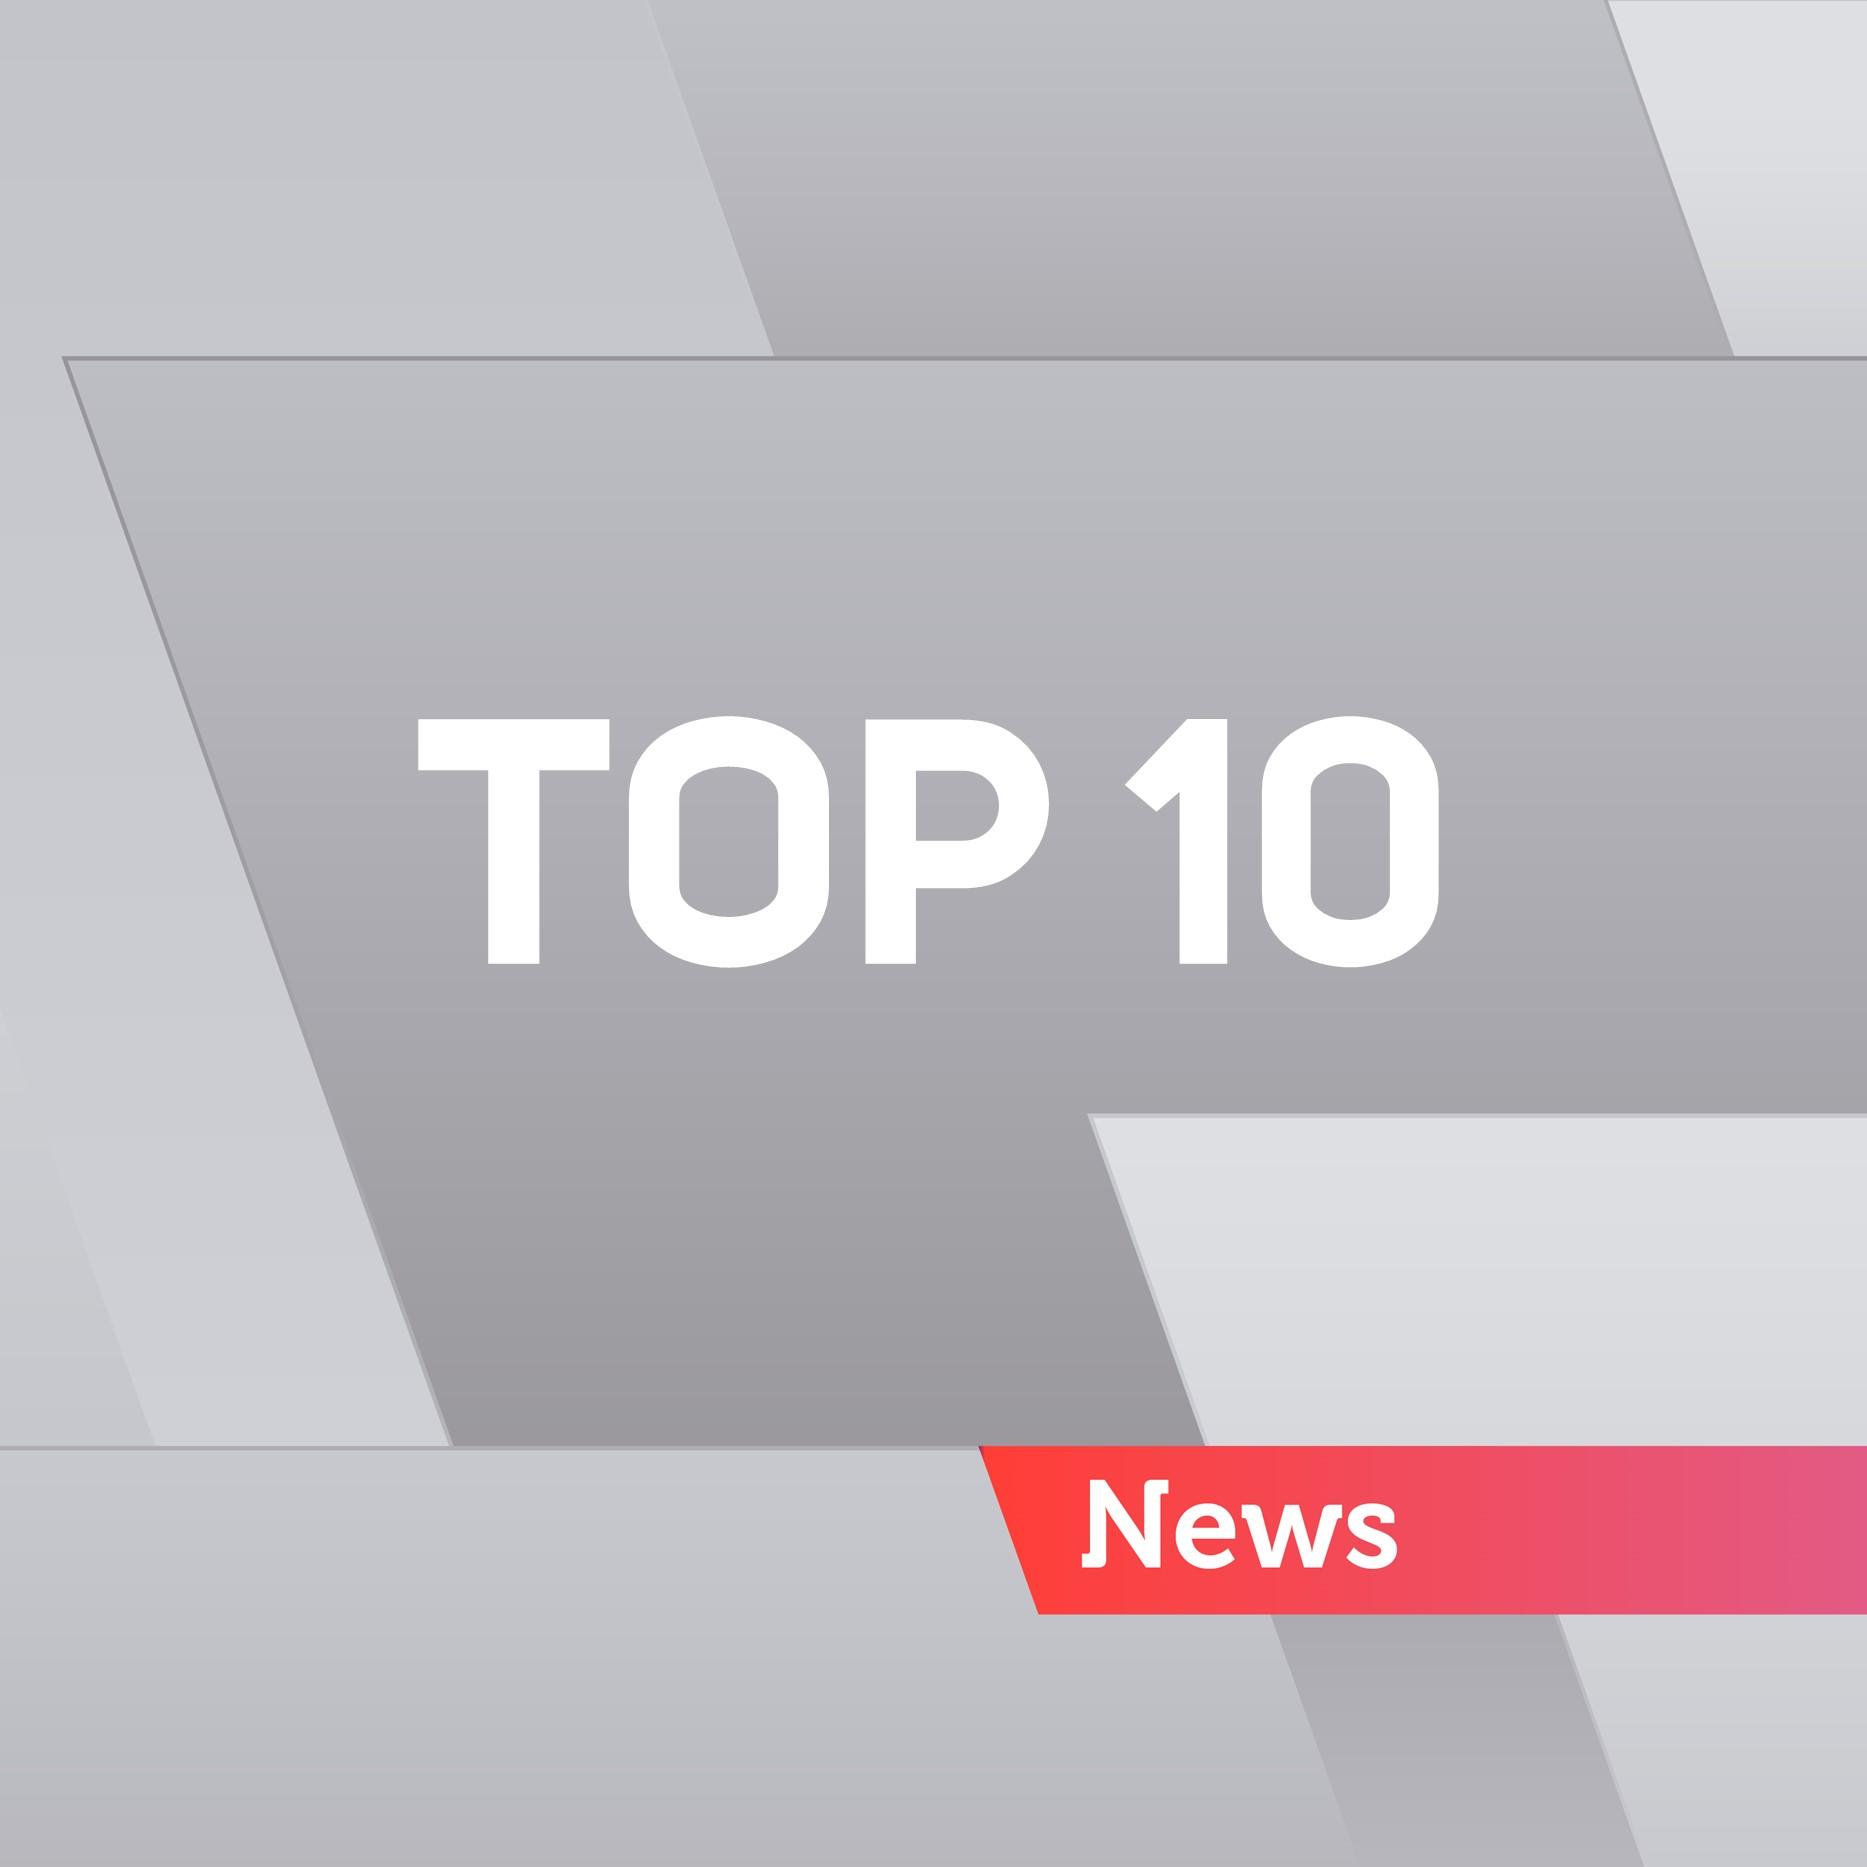 Top10: Resumo das principais notícias da manhã – 22/08/2017